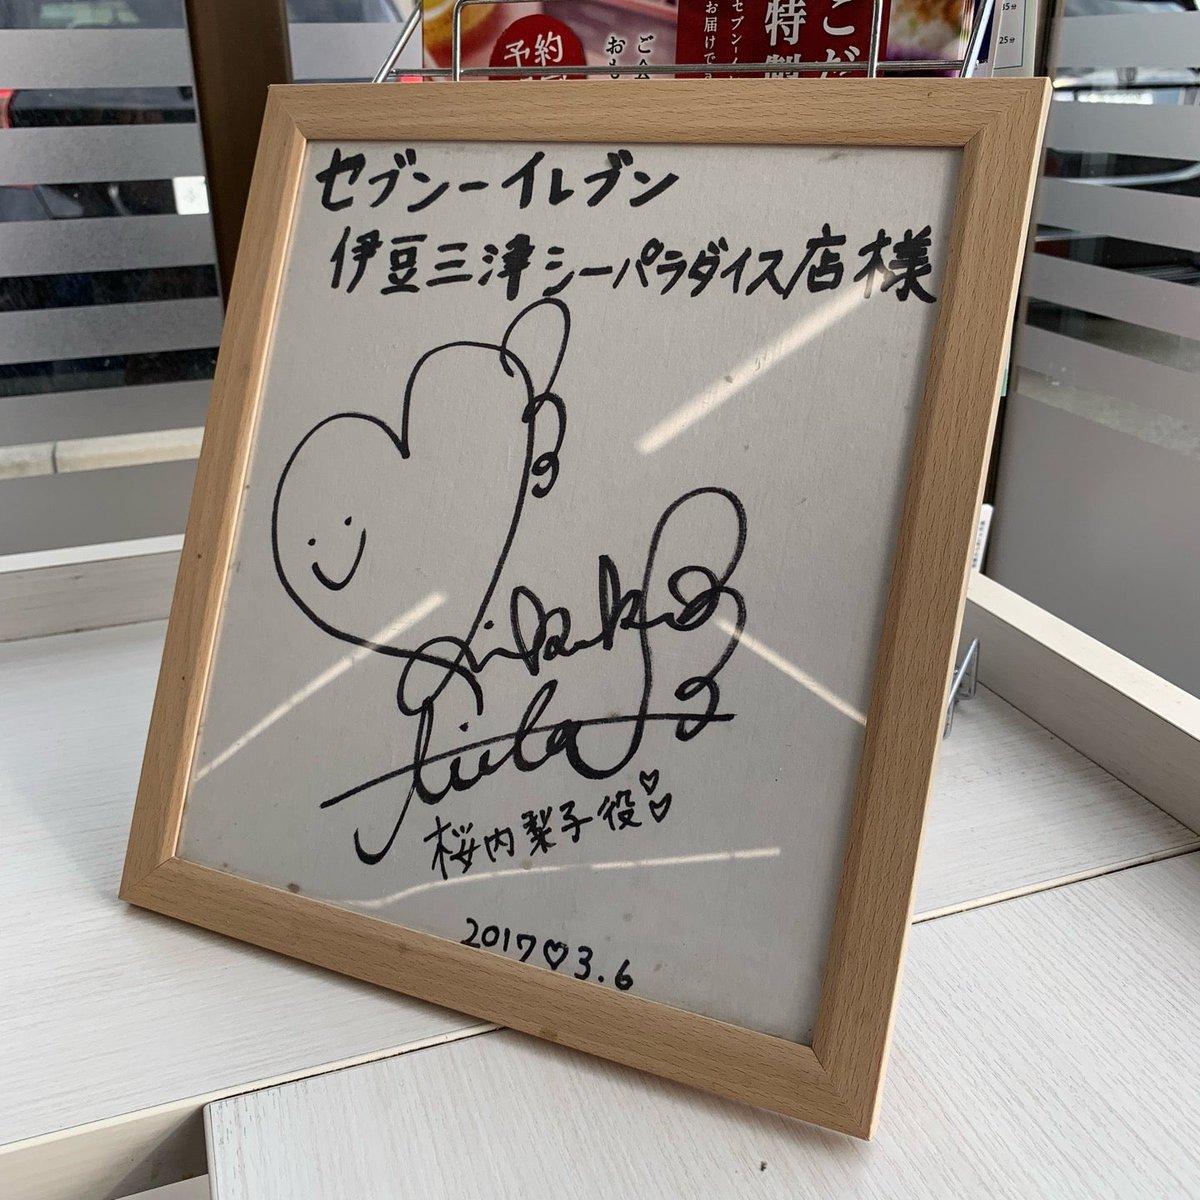 セブンイレブン 伊豆三津シーパラダイス前店 サイン(逢田梨香子さん)